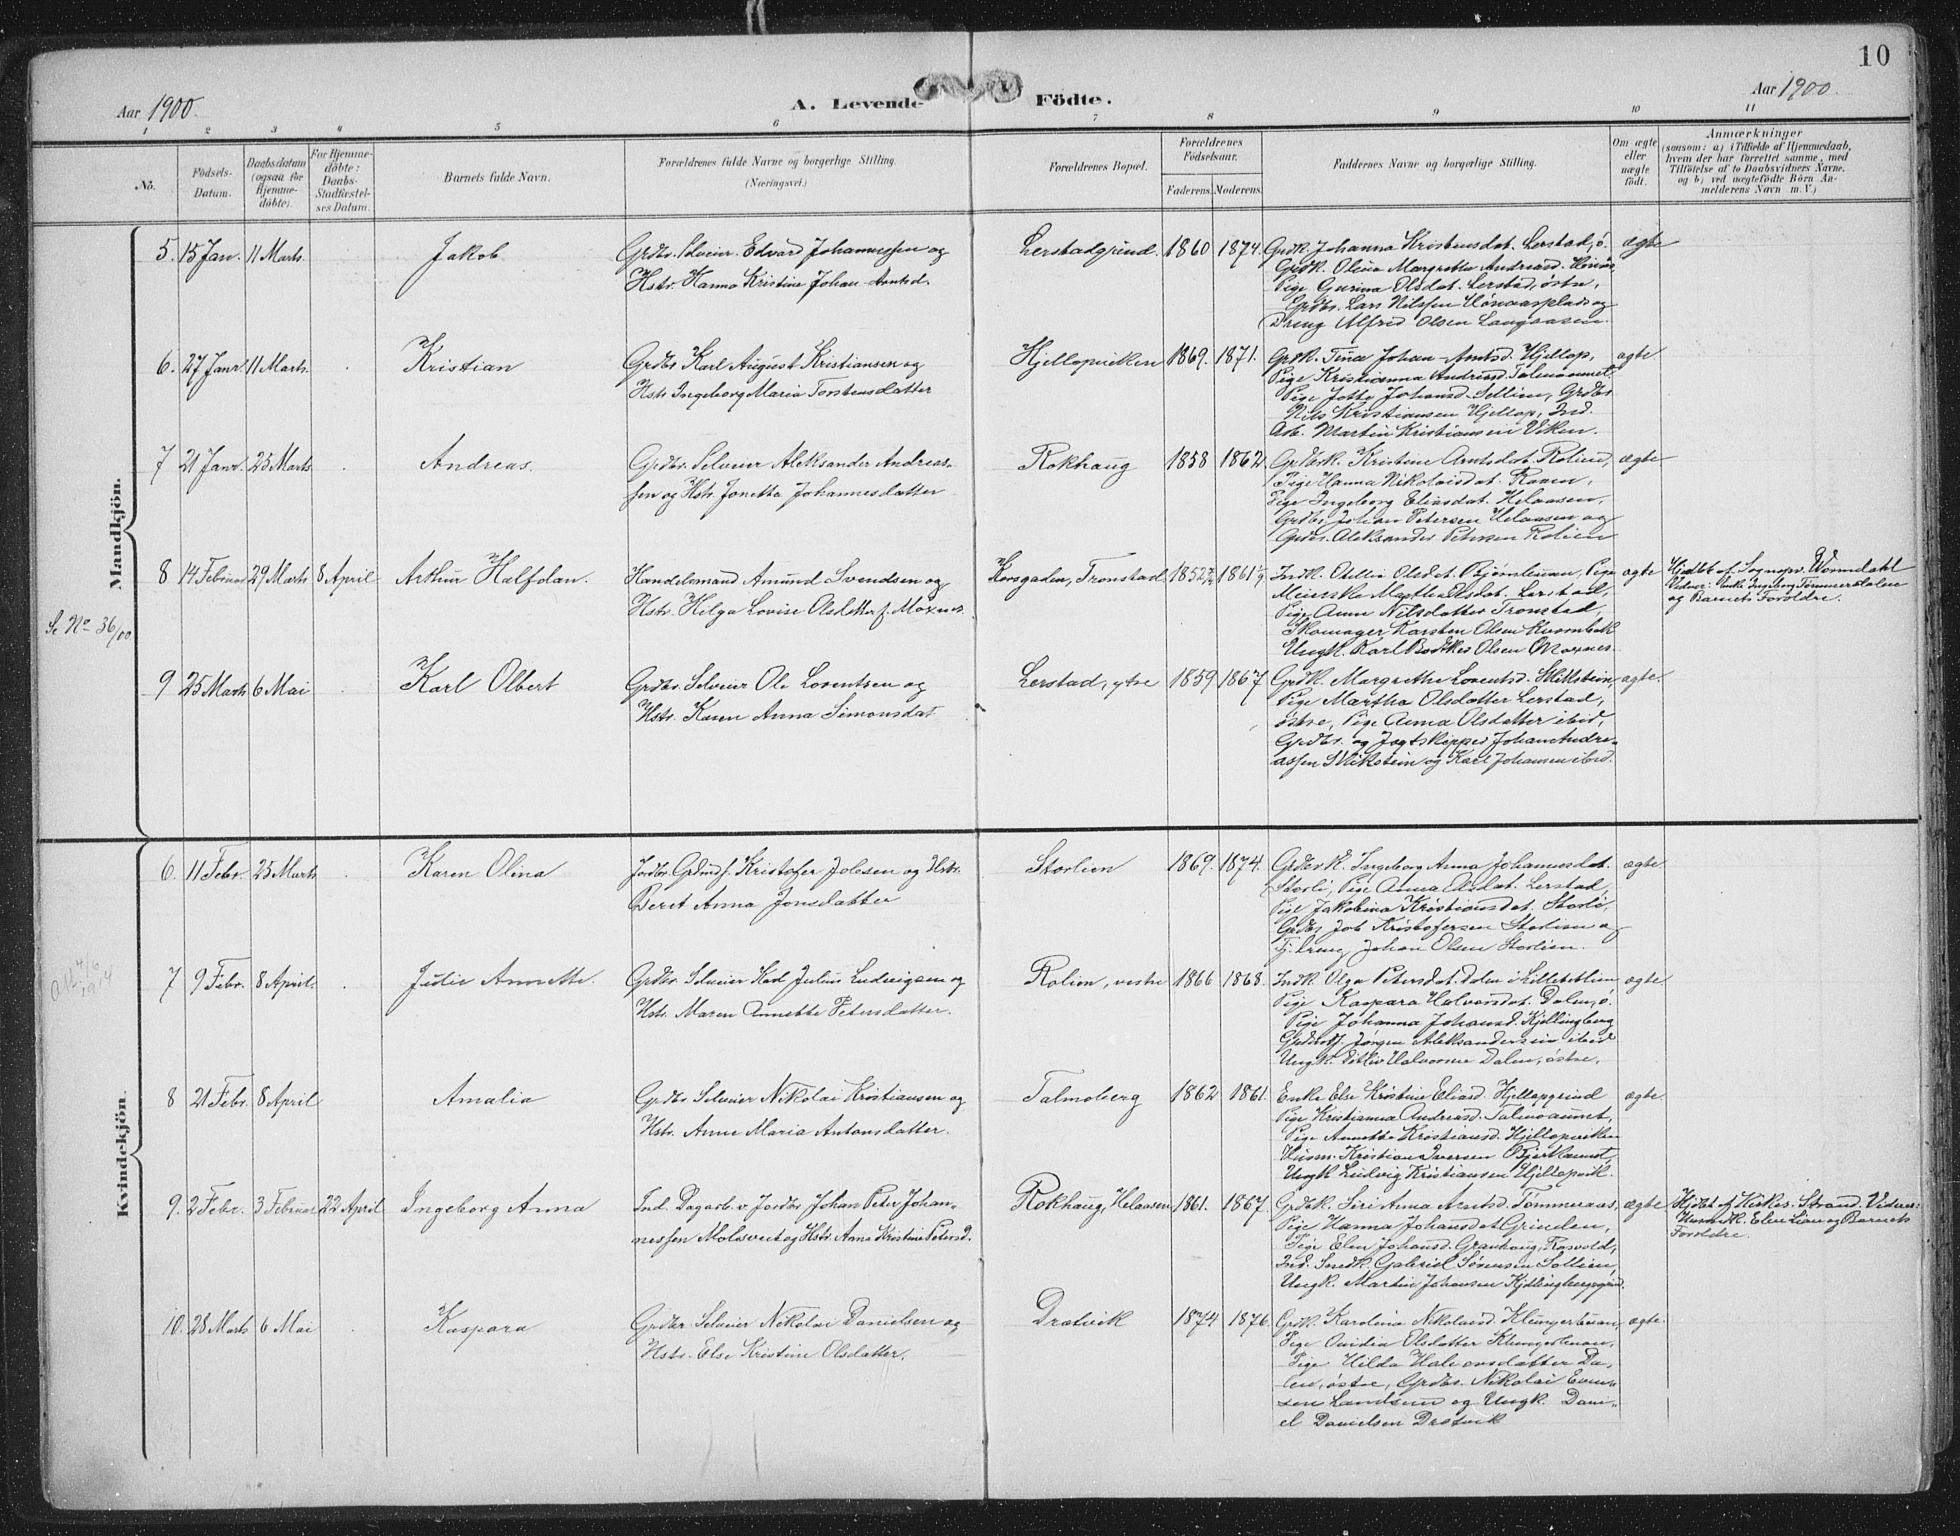 SAT, Ministerialprotokoller, klokkerbøker og fødselsregistre - Nord-Trøndelag, 701/L0011: Ministerialbok nr. 701A11, 1899-1915, s. 10